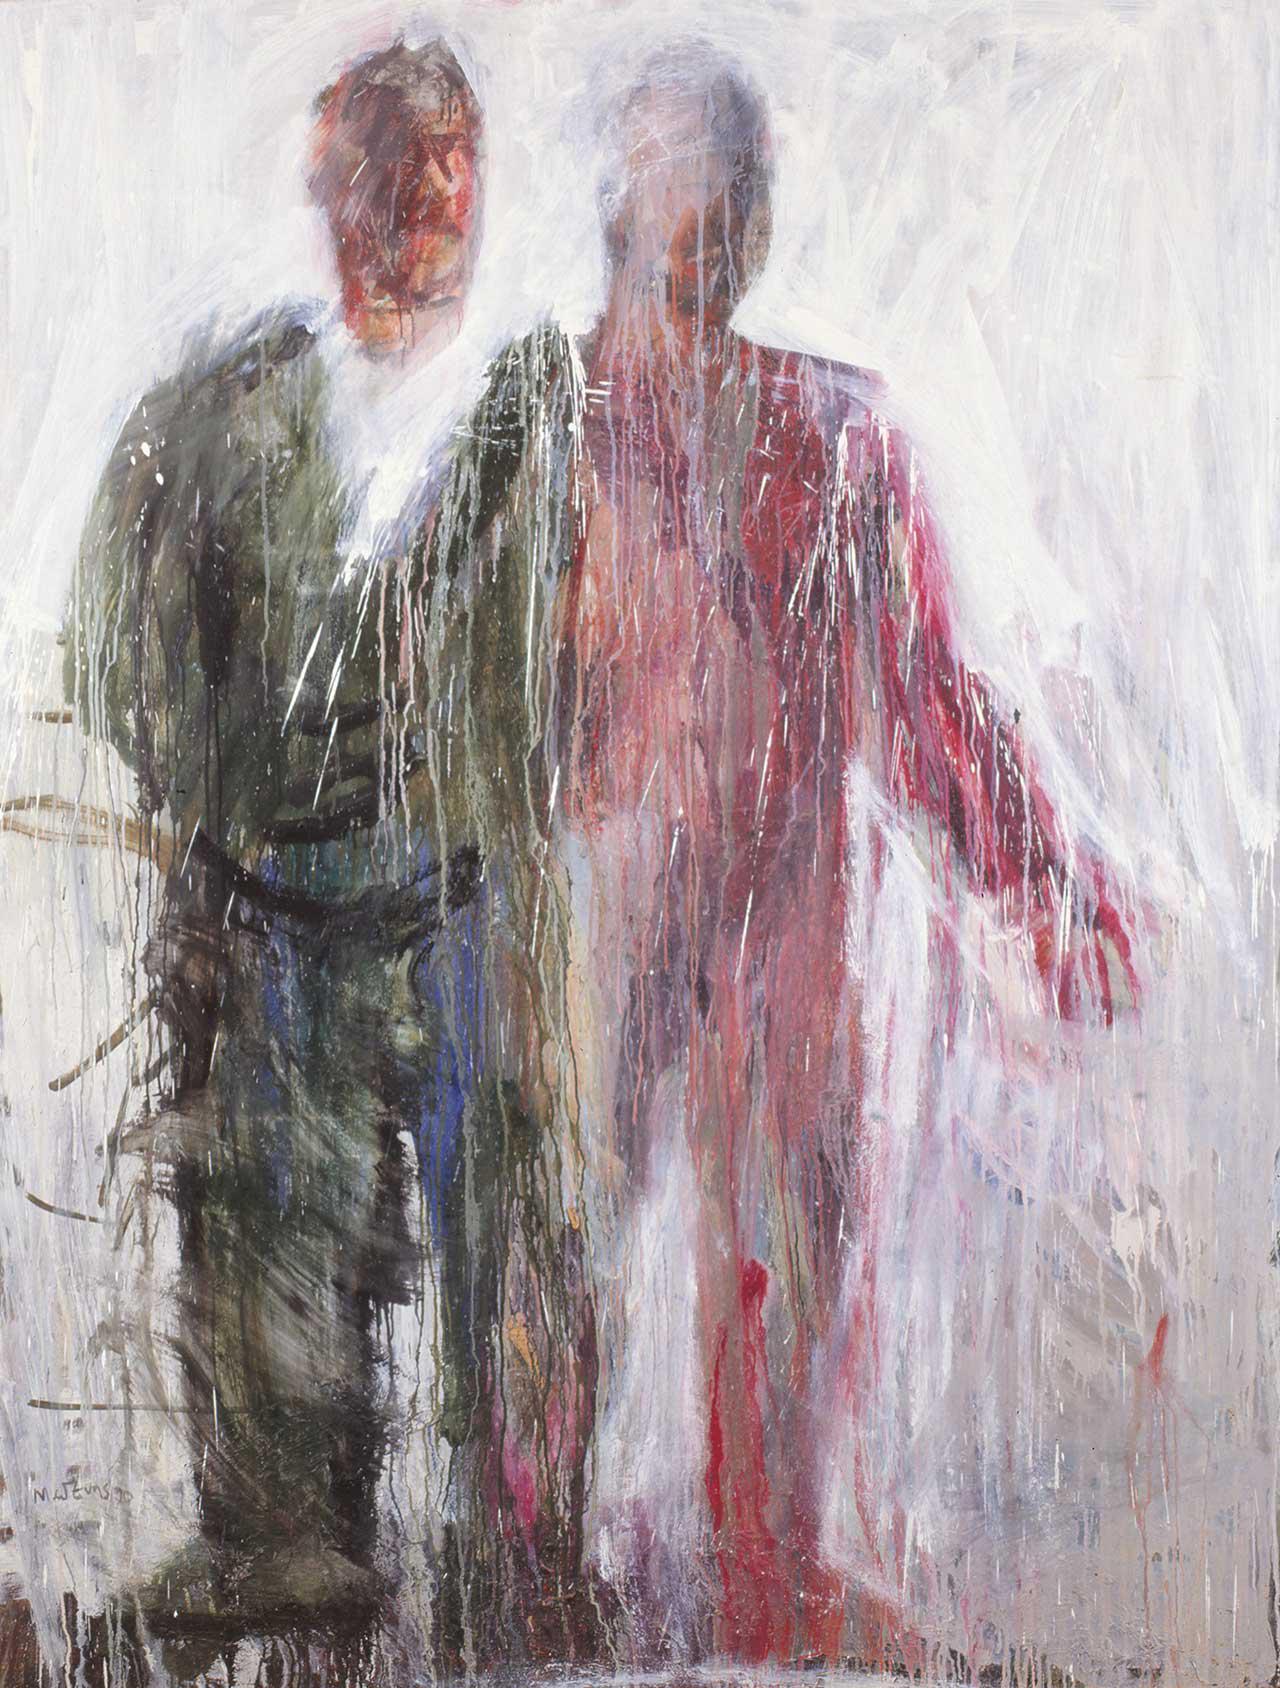 Ο ζωγράφος, 1992, λάδι σε καμβά, 190x144 εκ.